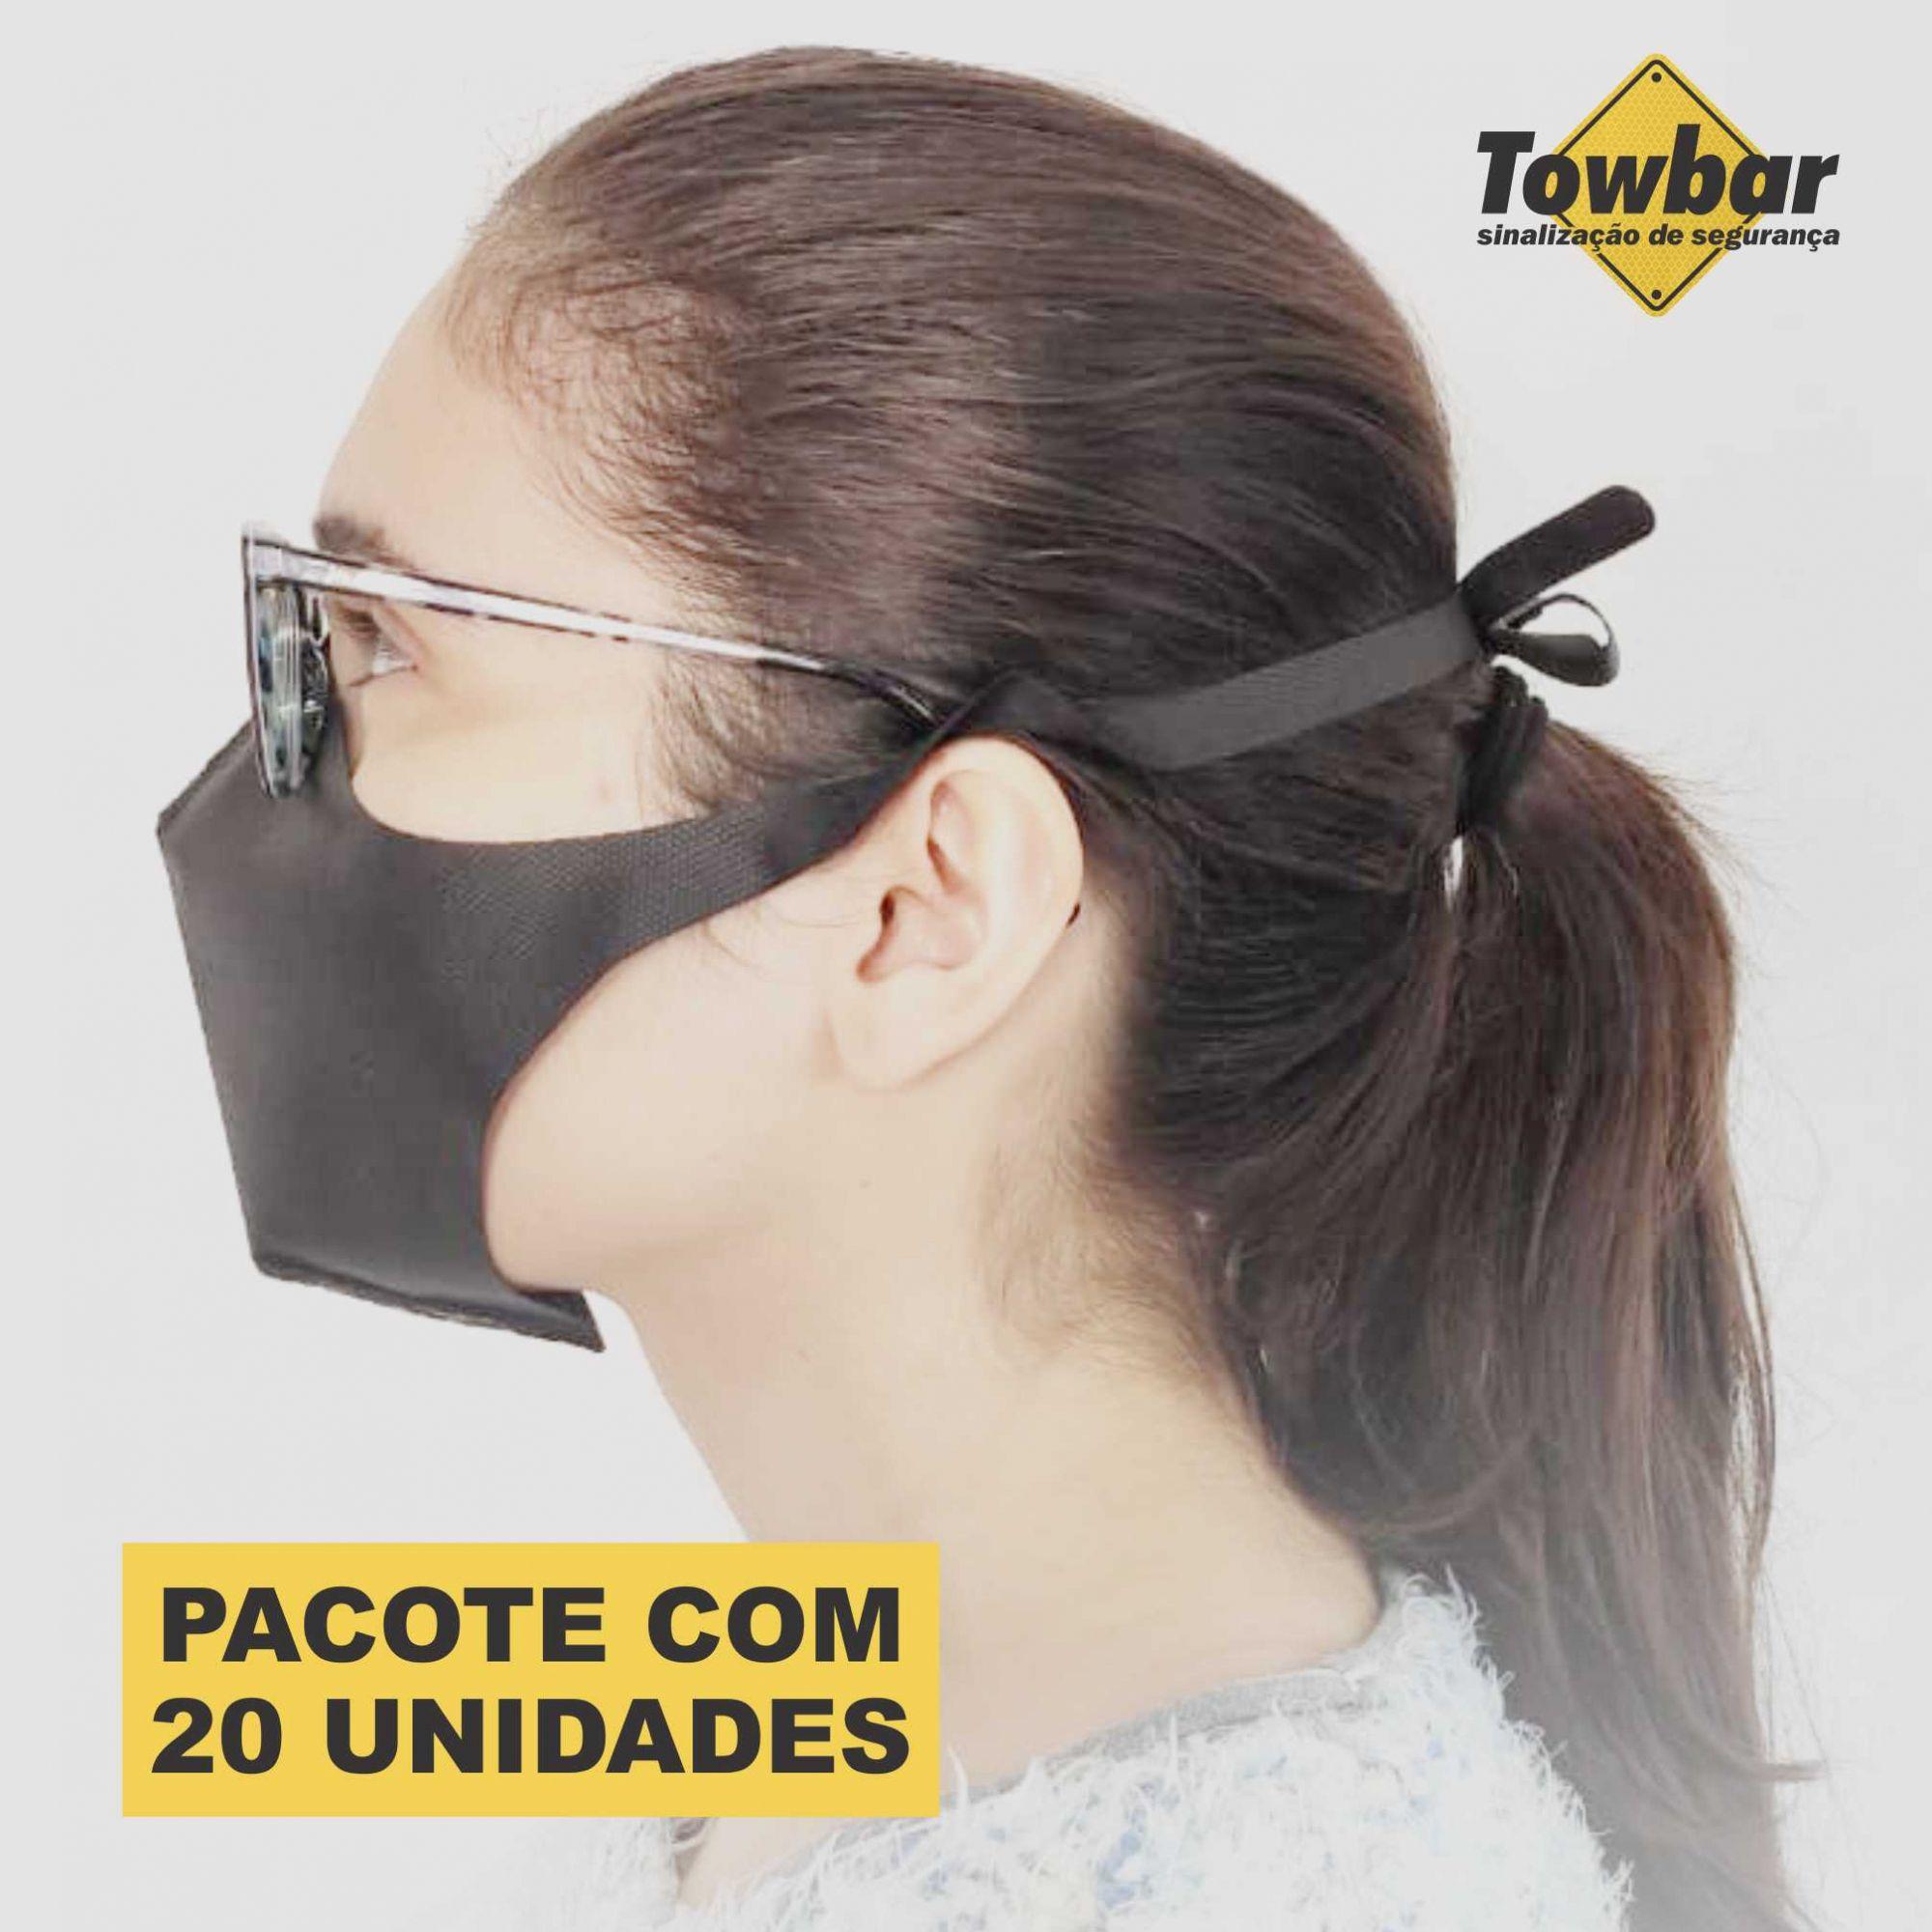 Máscara de proteção reutilizável - pacote com 20 unid  - Towbar Sinalização de Segurança